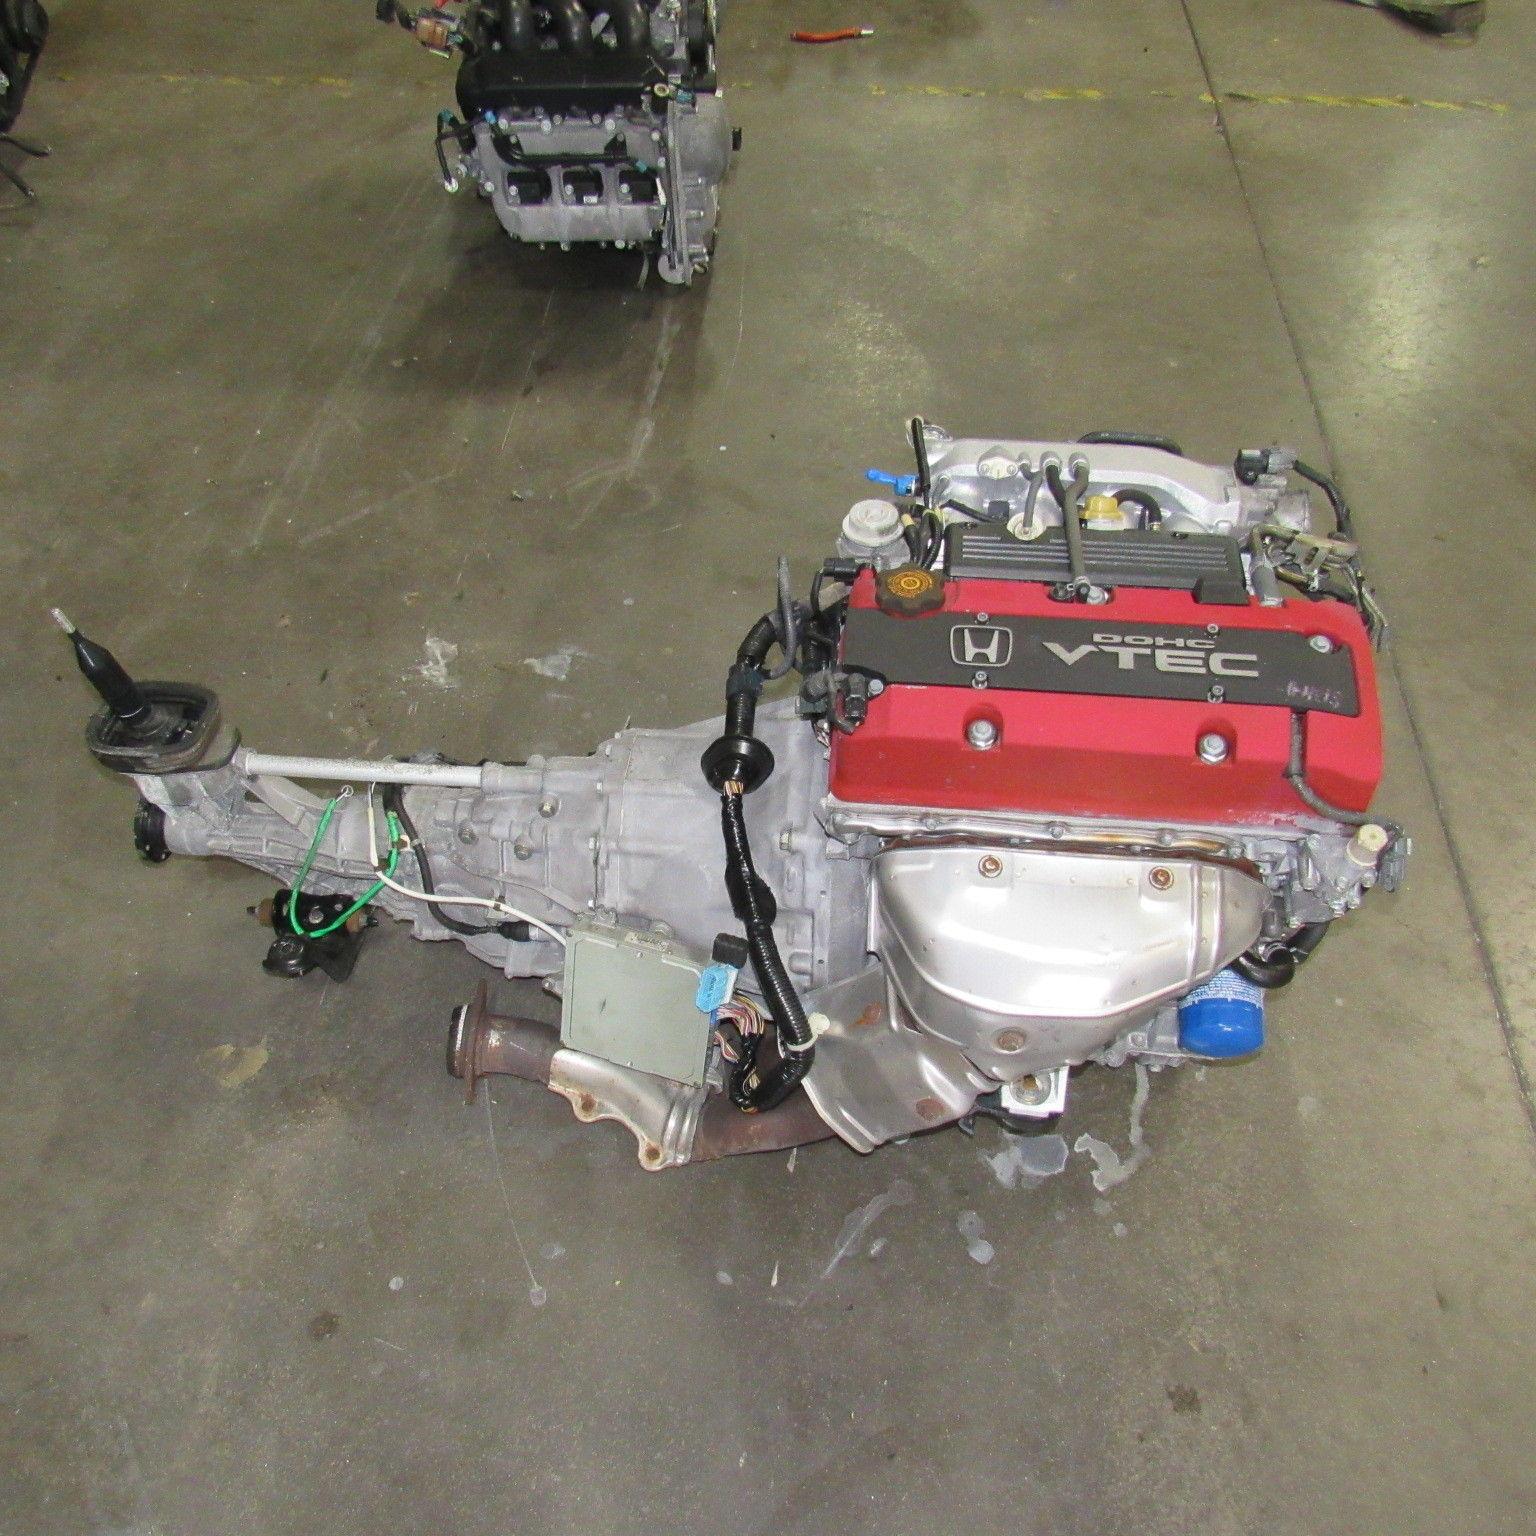 jdm honda f20c vtec engine and 6 speed transmission s2000. Black Bedroom Furniture Sets. Home Design Ideas